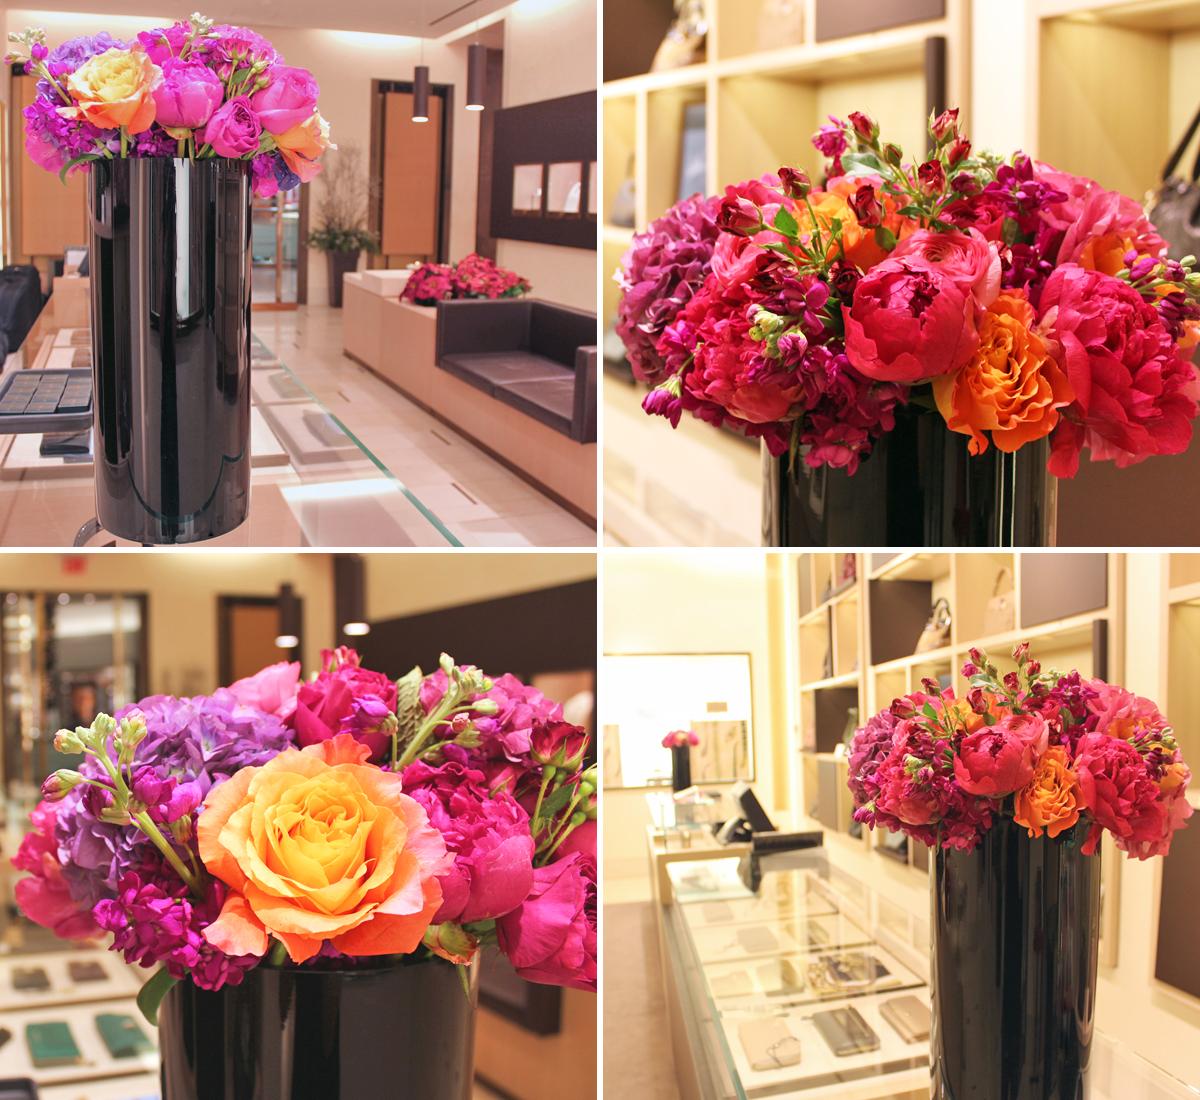 jewel-tone-flowers-6